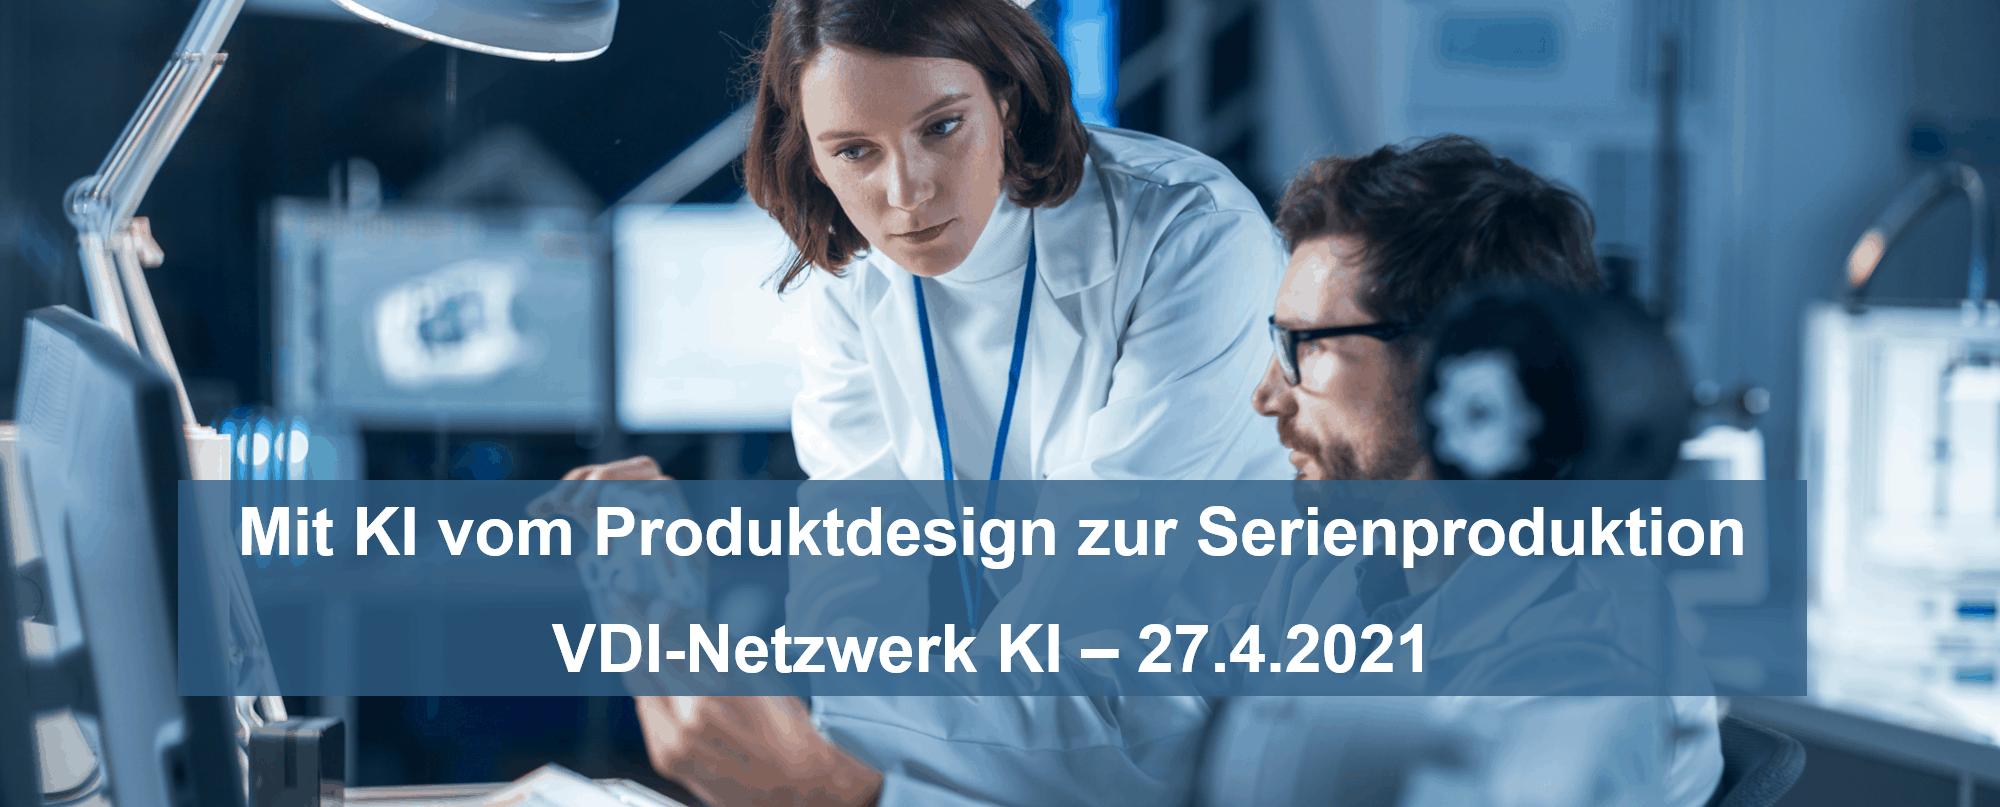 VDI-Online-Veranstaltung: Mit KI vom Produktdesign zur Serienproduktion